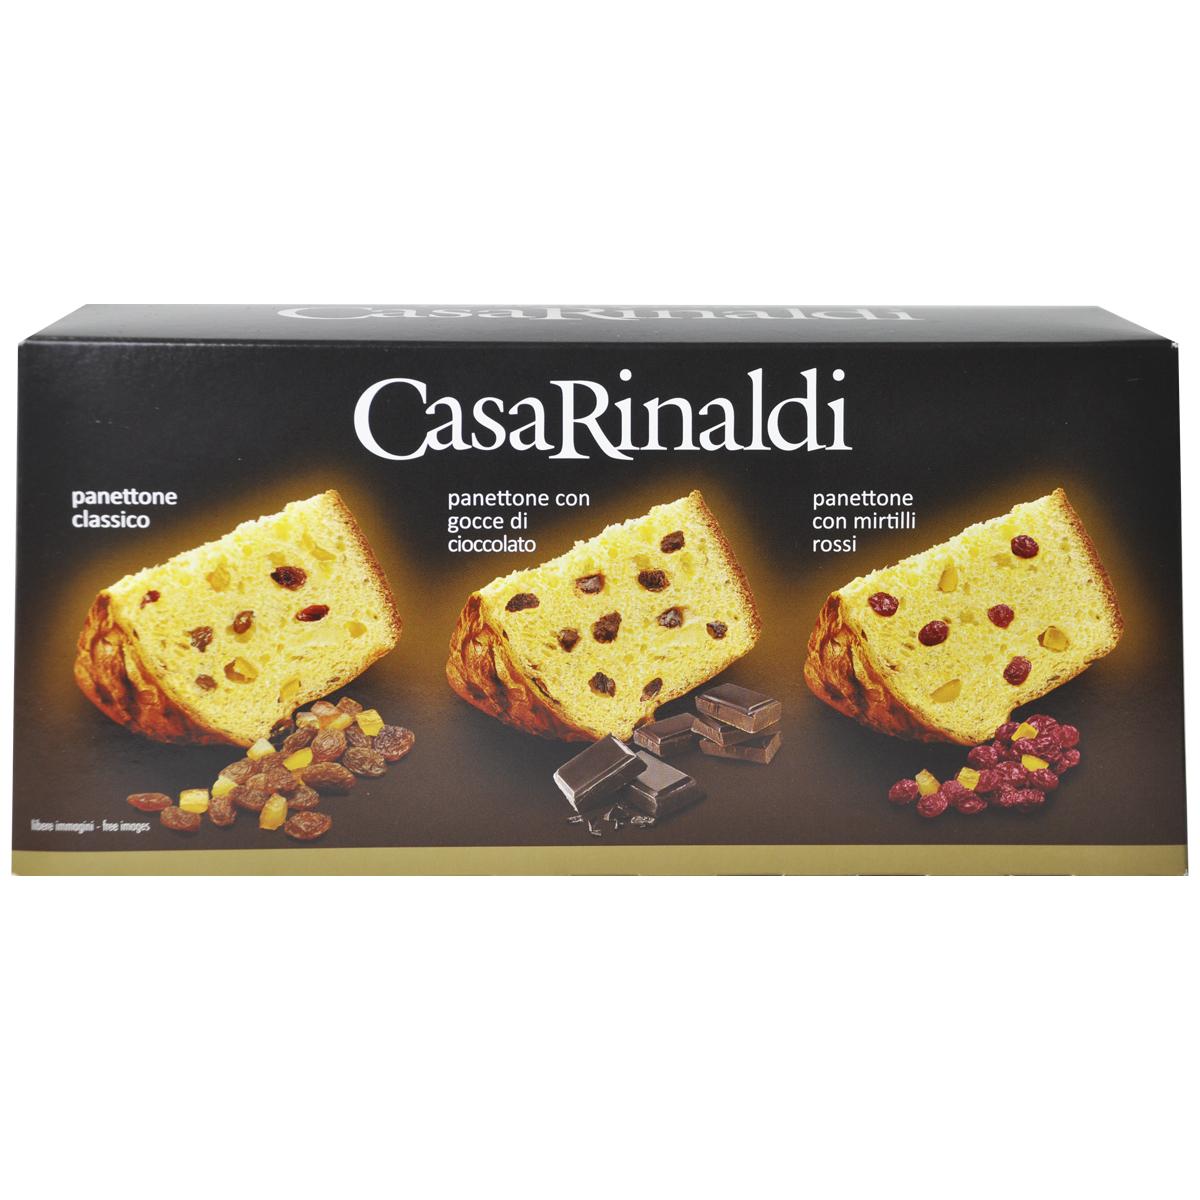 Кулич Классический Casa Rinaldi 100г x 3шт упакован вручную